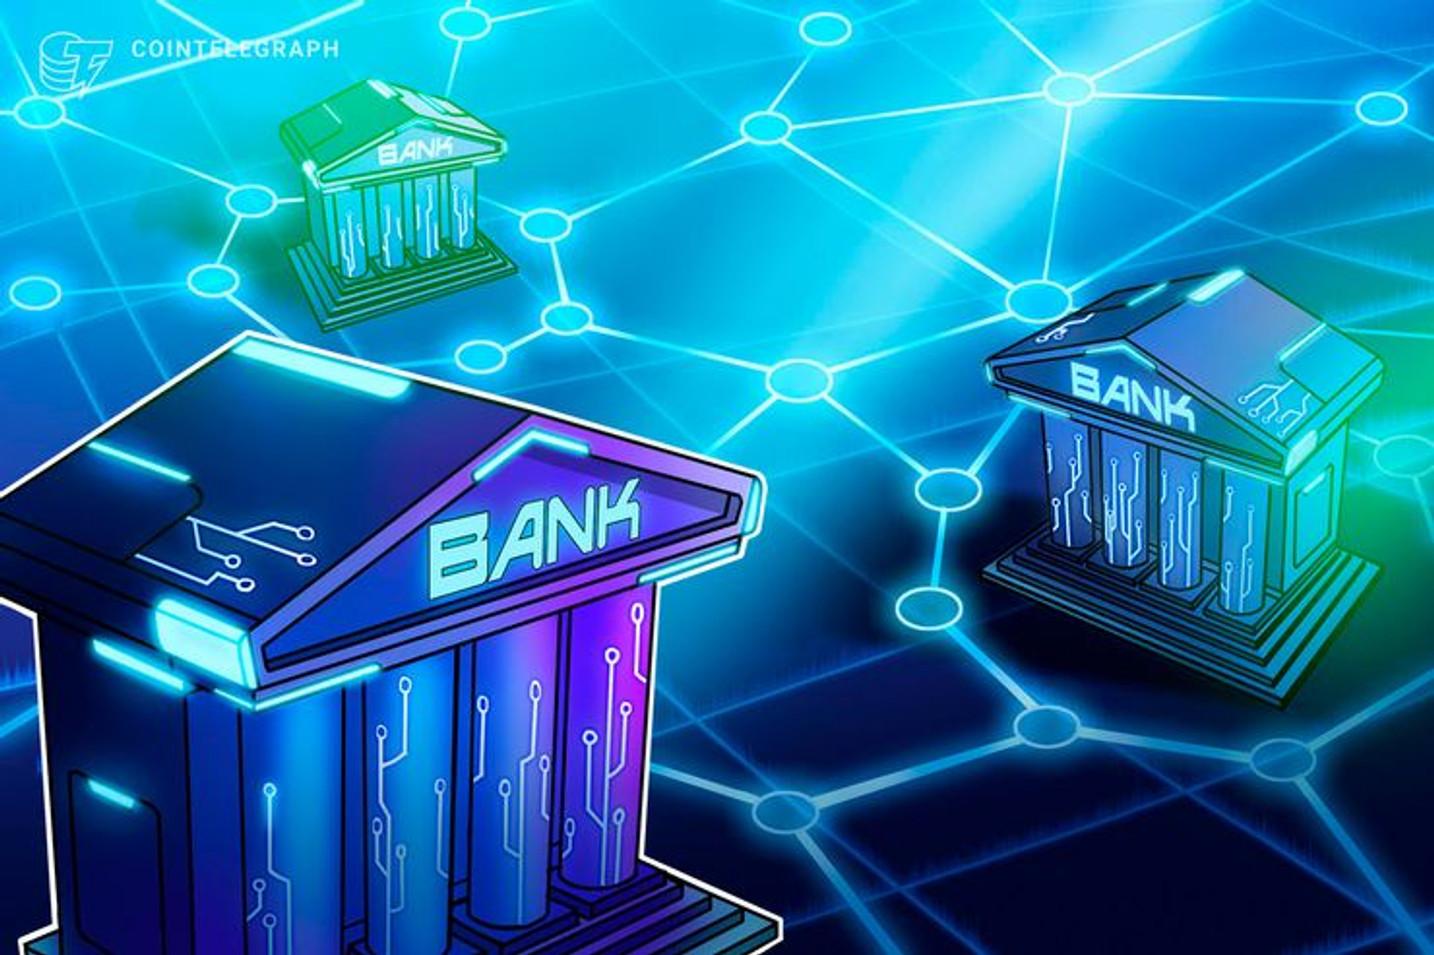 Estiman que casi un tercio de los adultos españoles podrían tener una cuenta bancaria digital para 2025